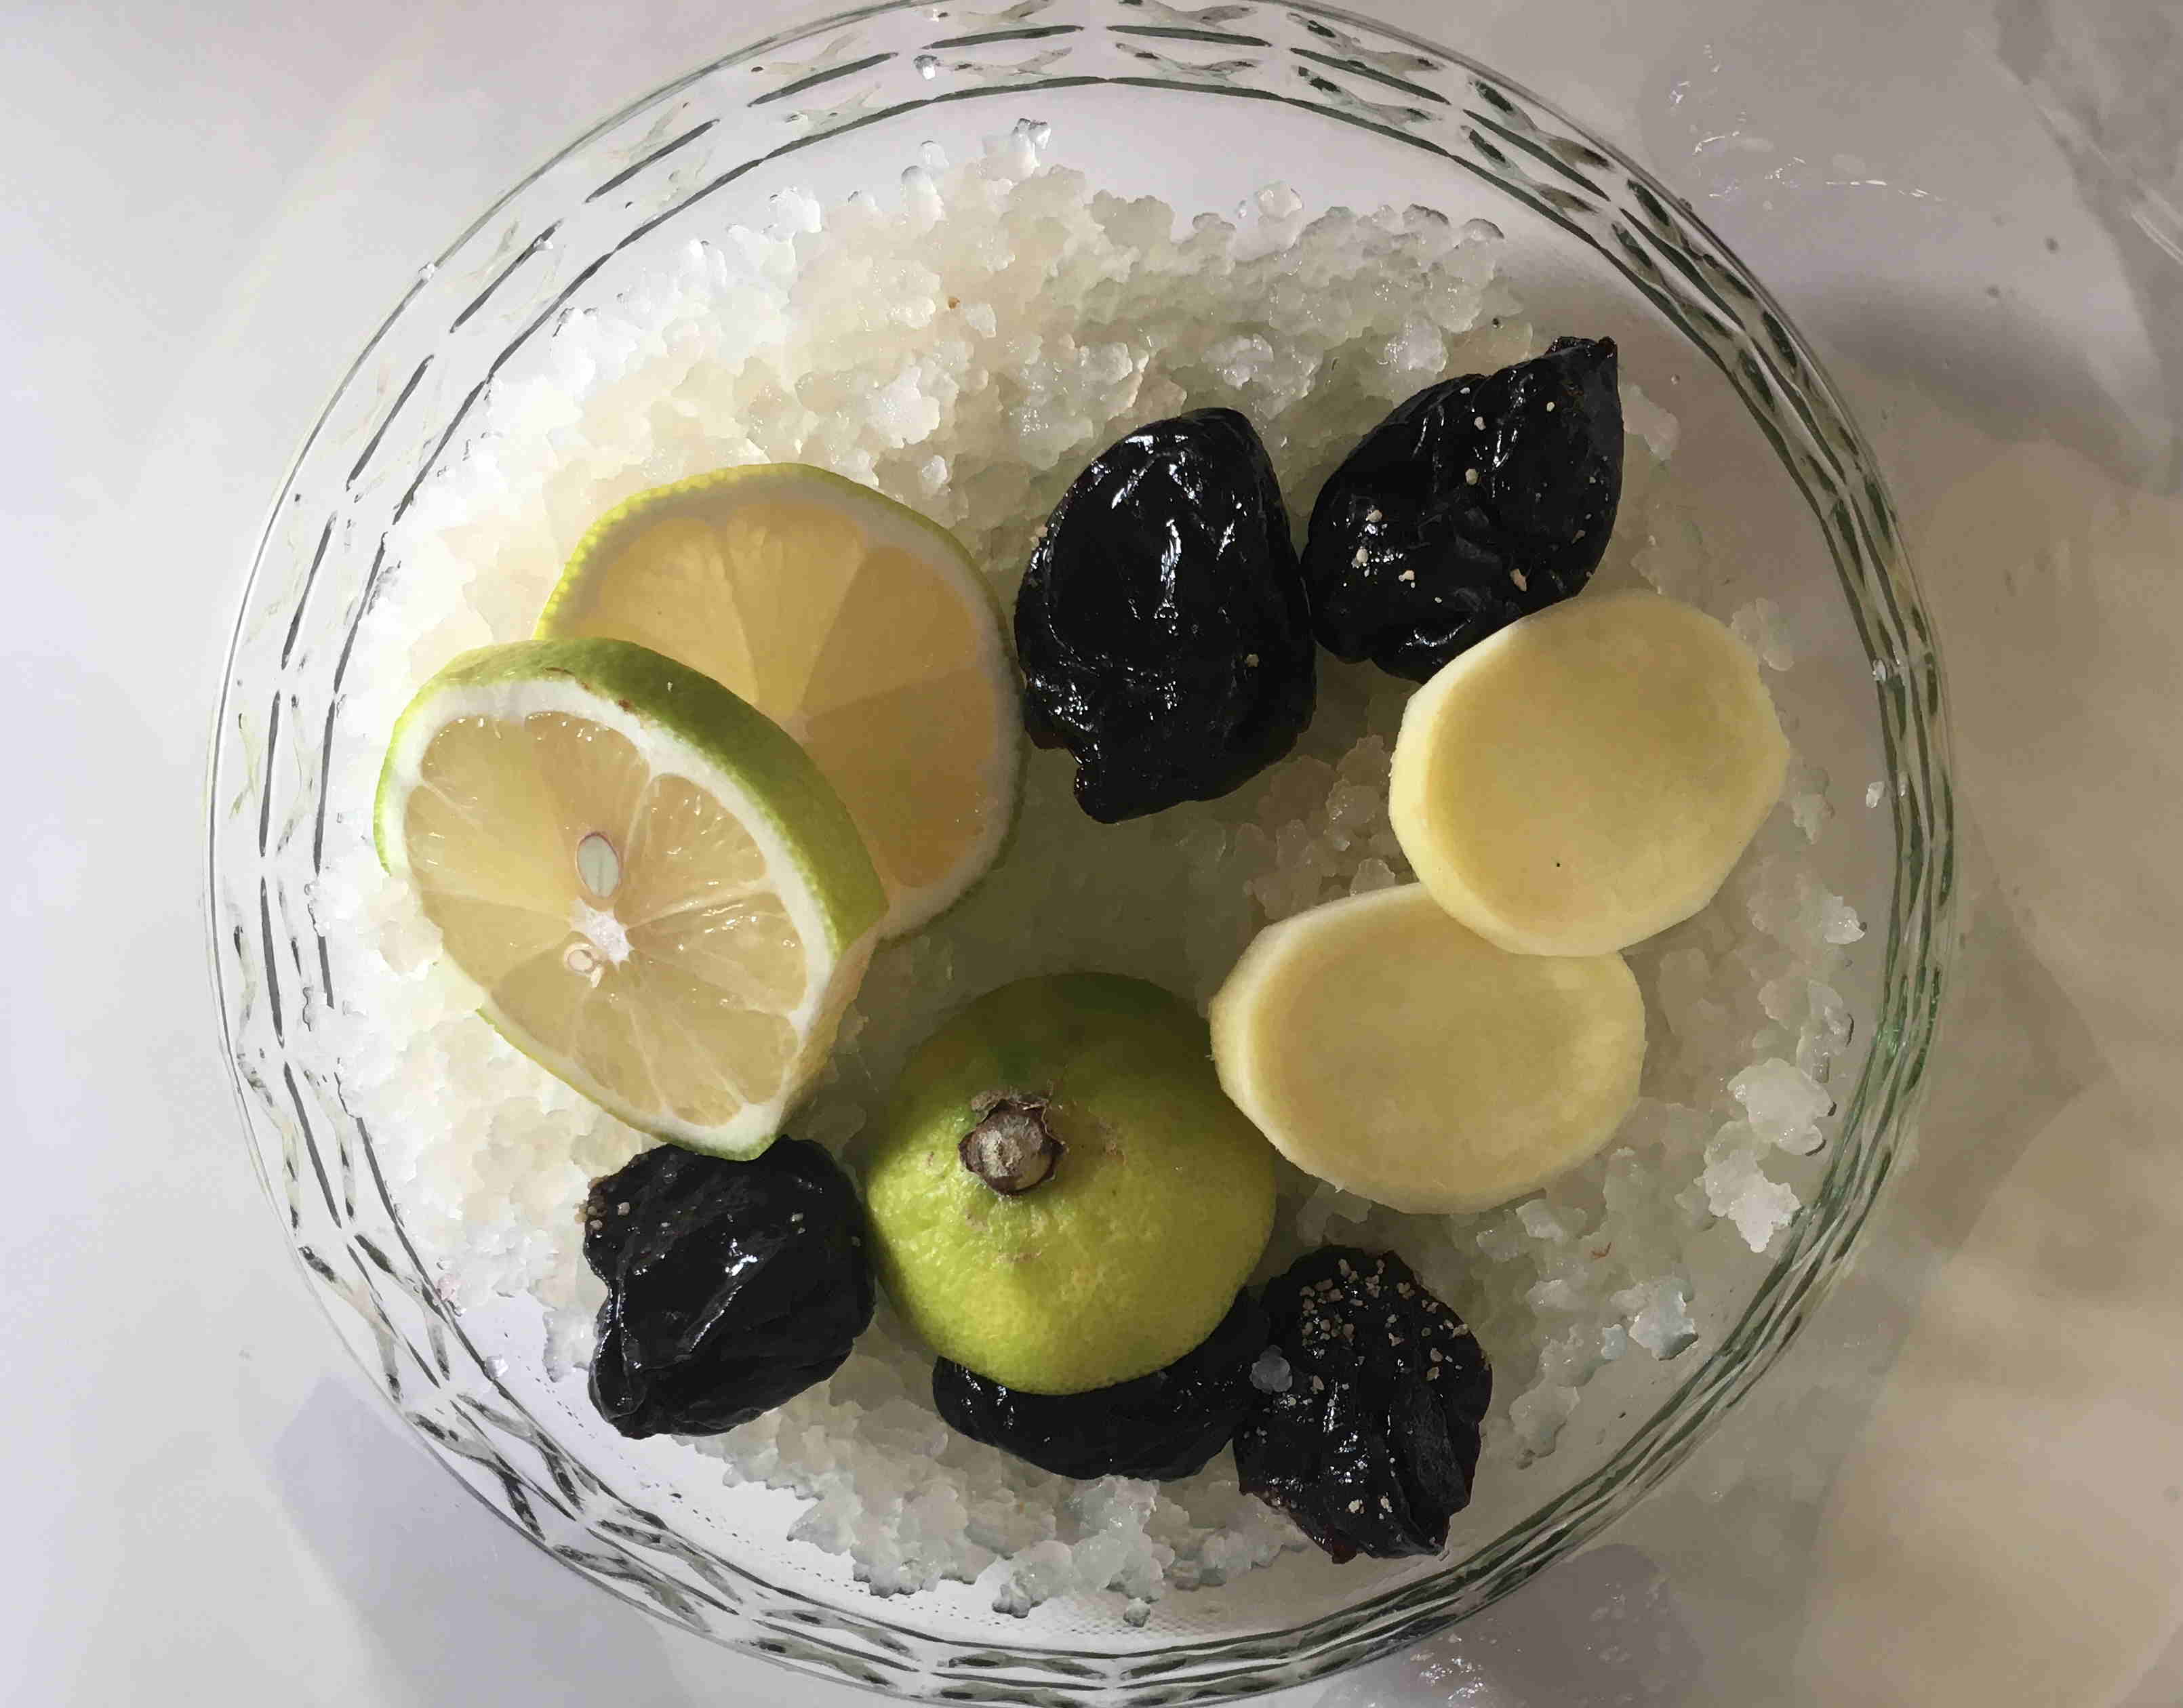 Als Ansatz für Wasserkefir braucht man Trockenfrüchte, Kristalle und Zitronen. Hier mit Ingwer als Geschmackskomponente